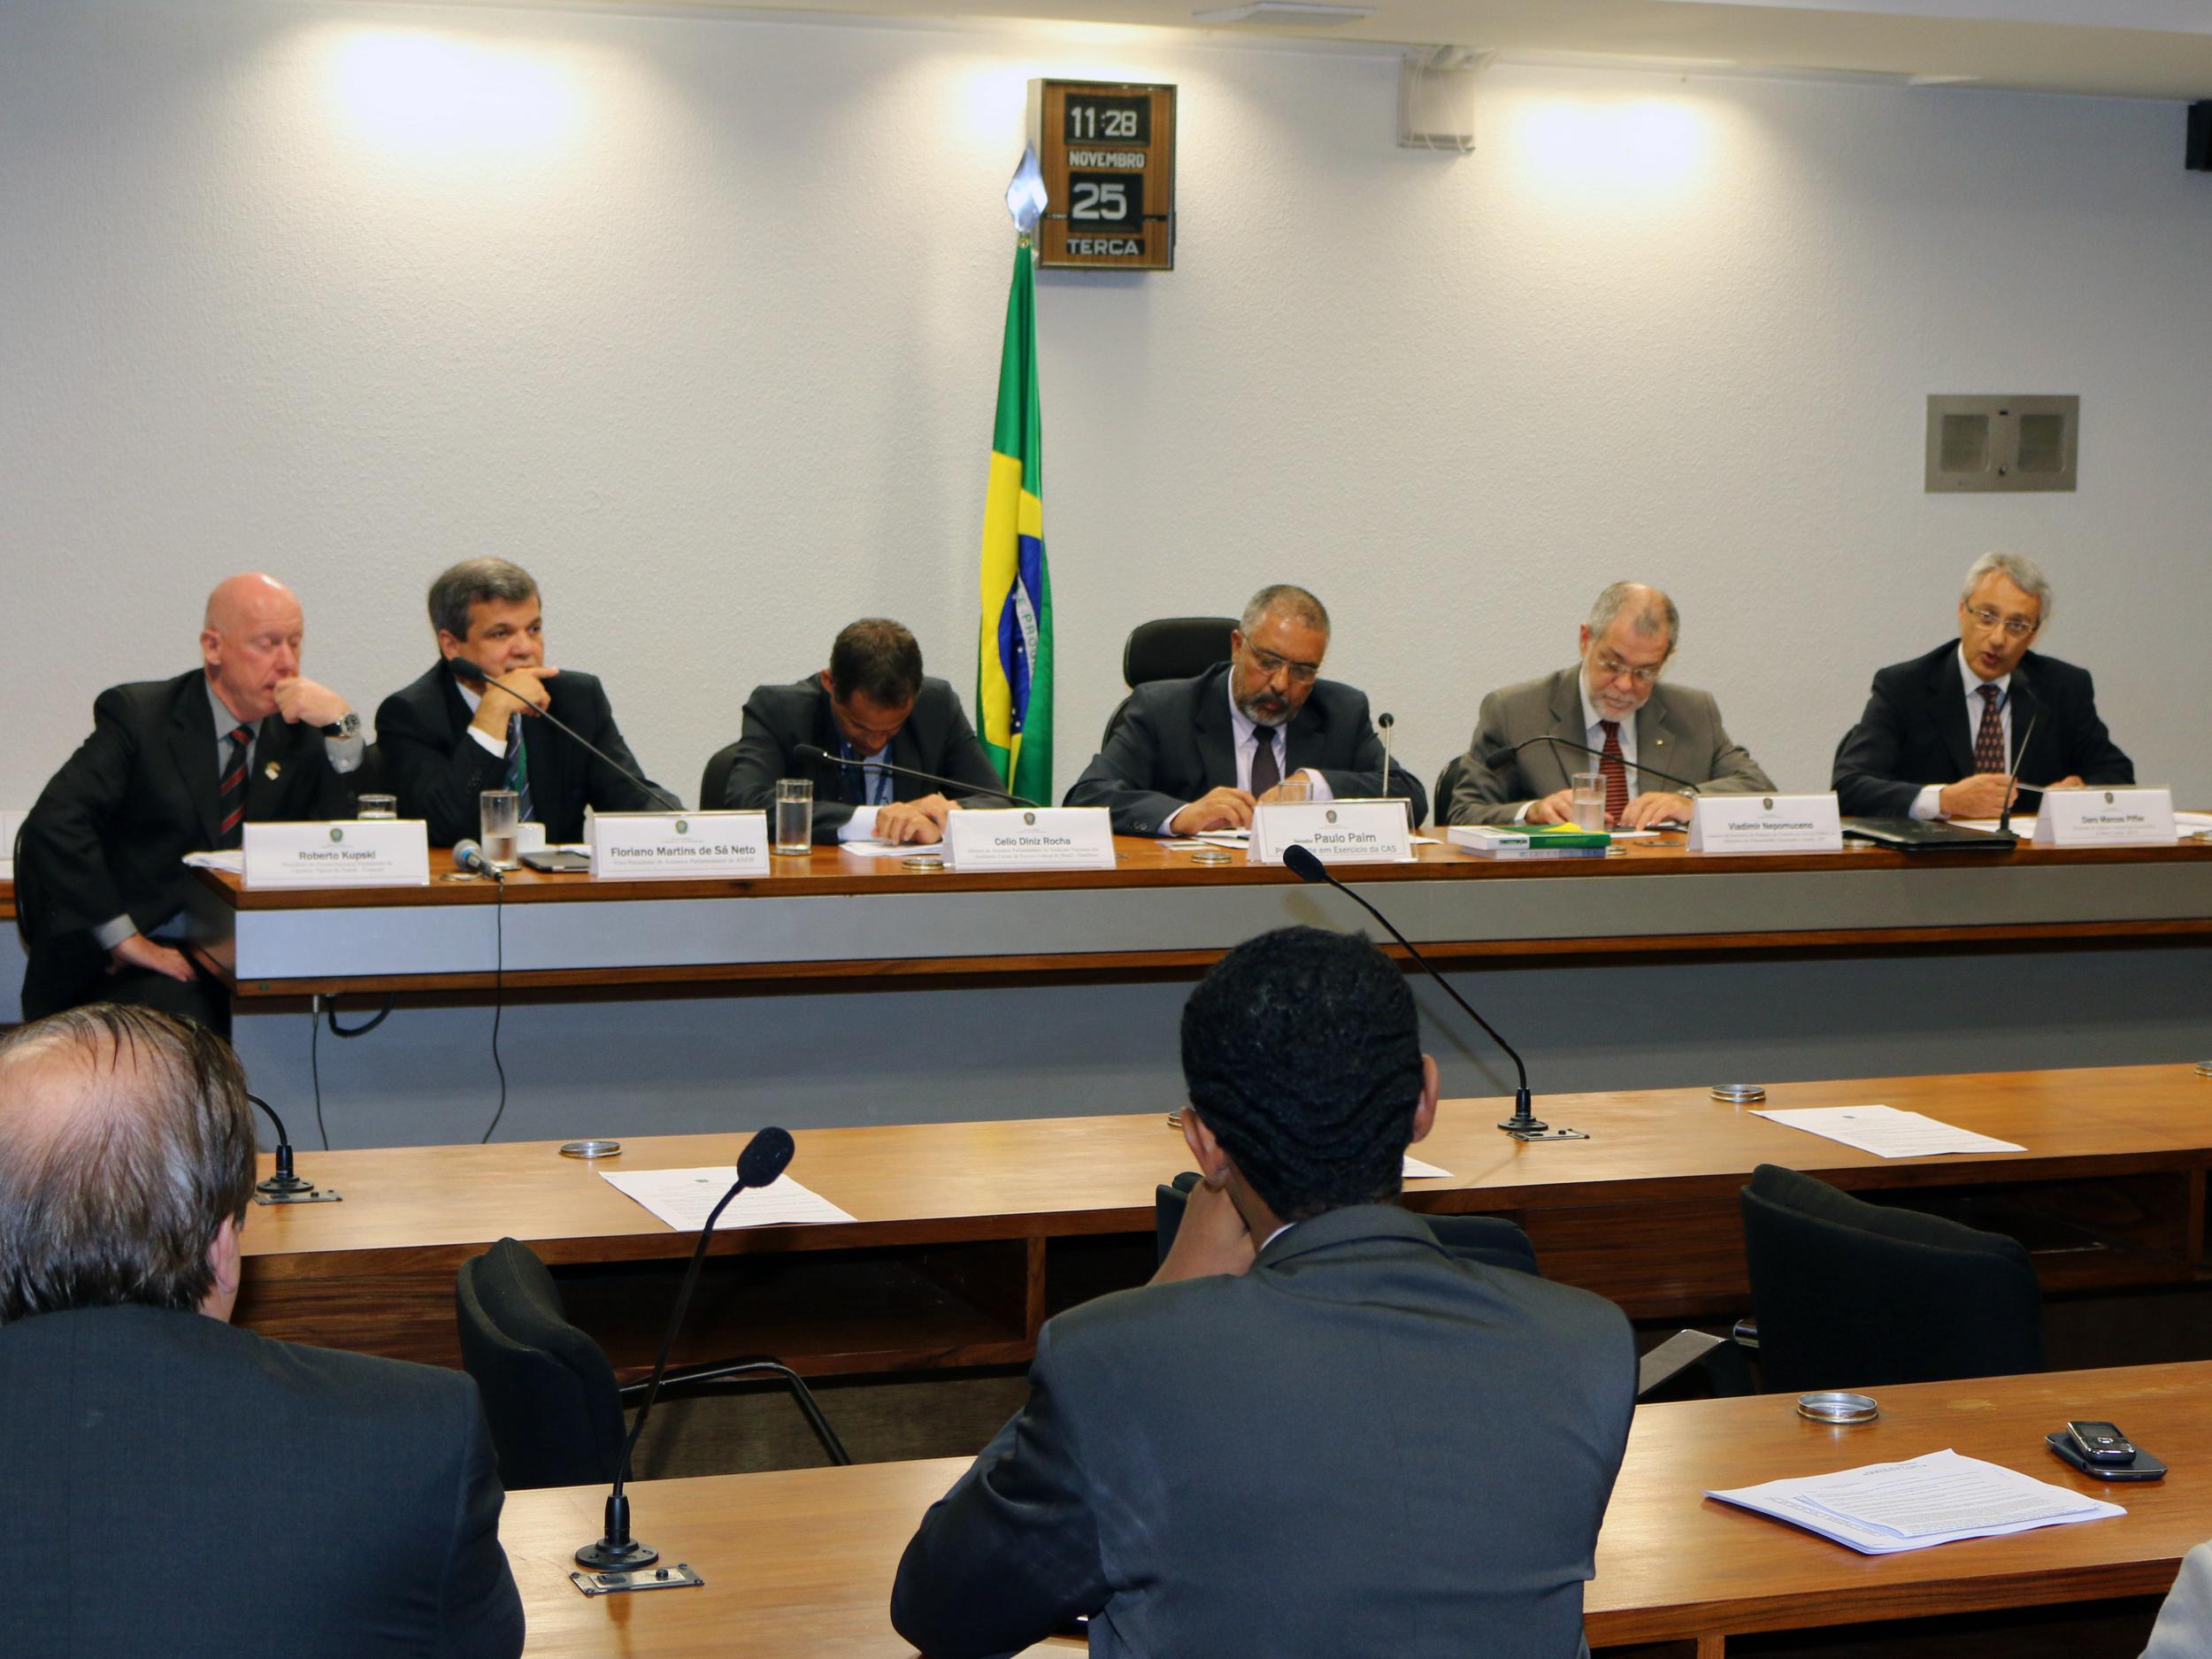 Daro - Mandato Classista - CAS - Senado - Filipe Calmon - ANESP.jpg